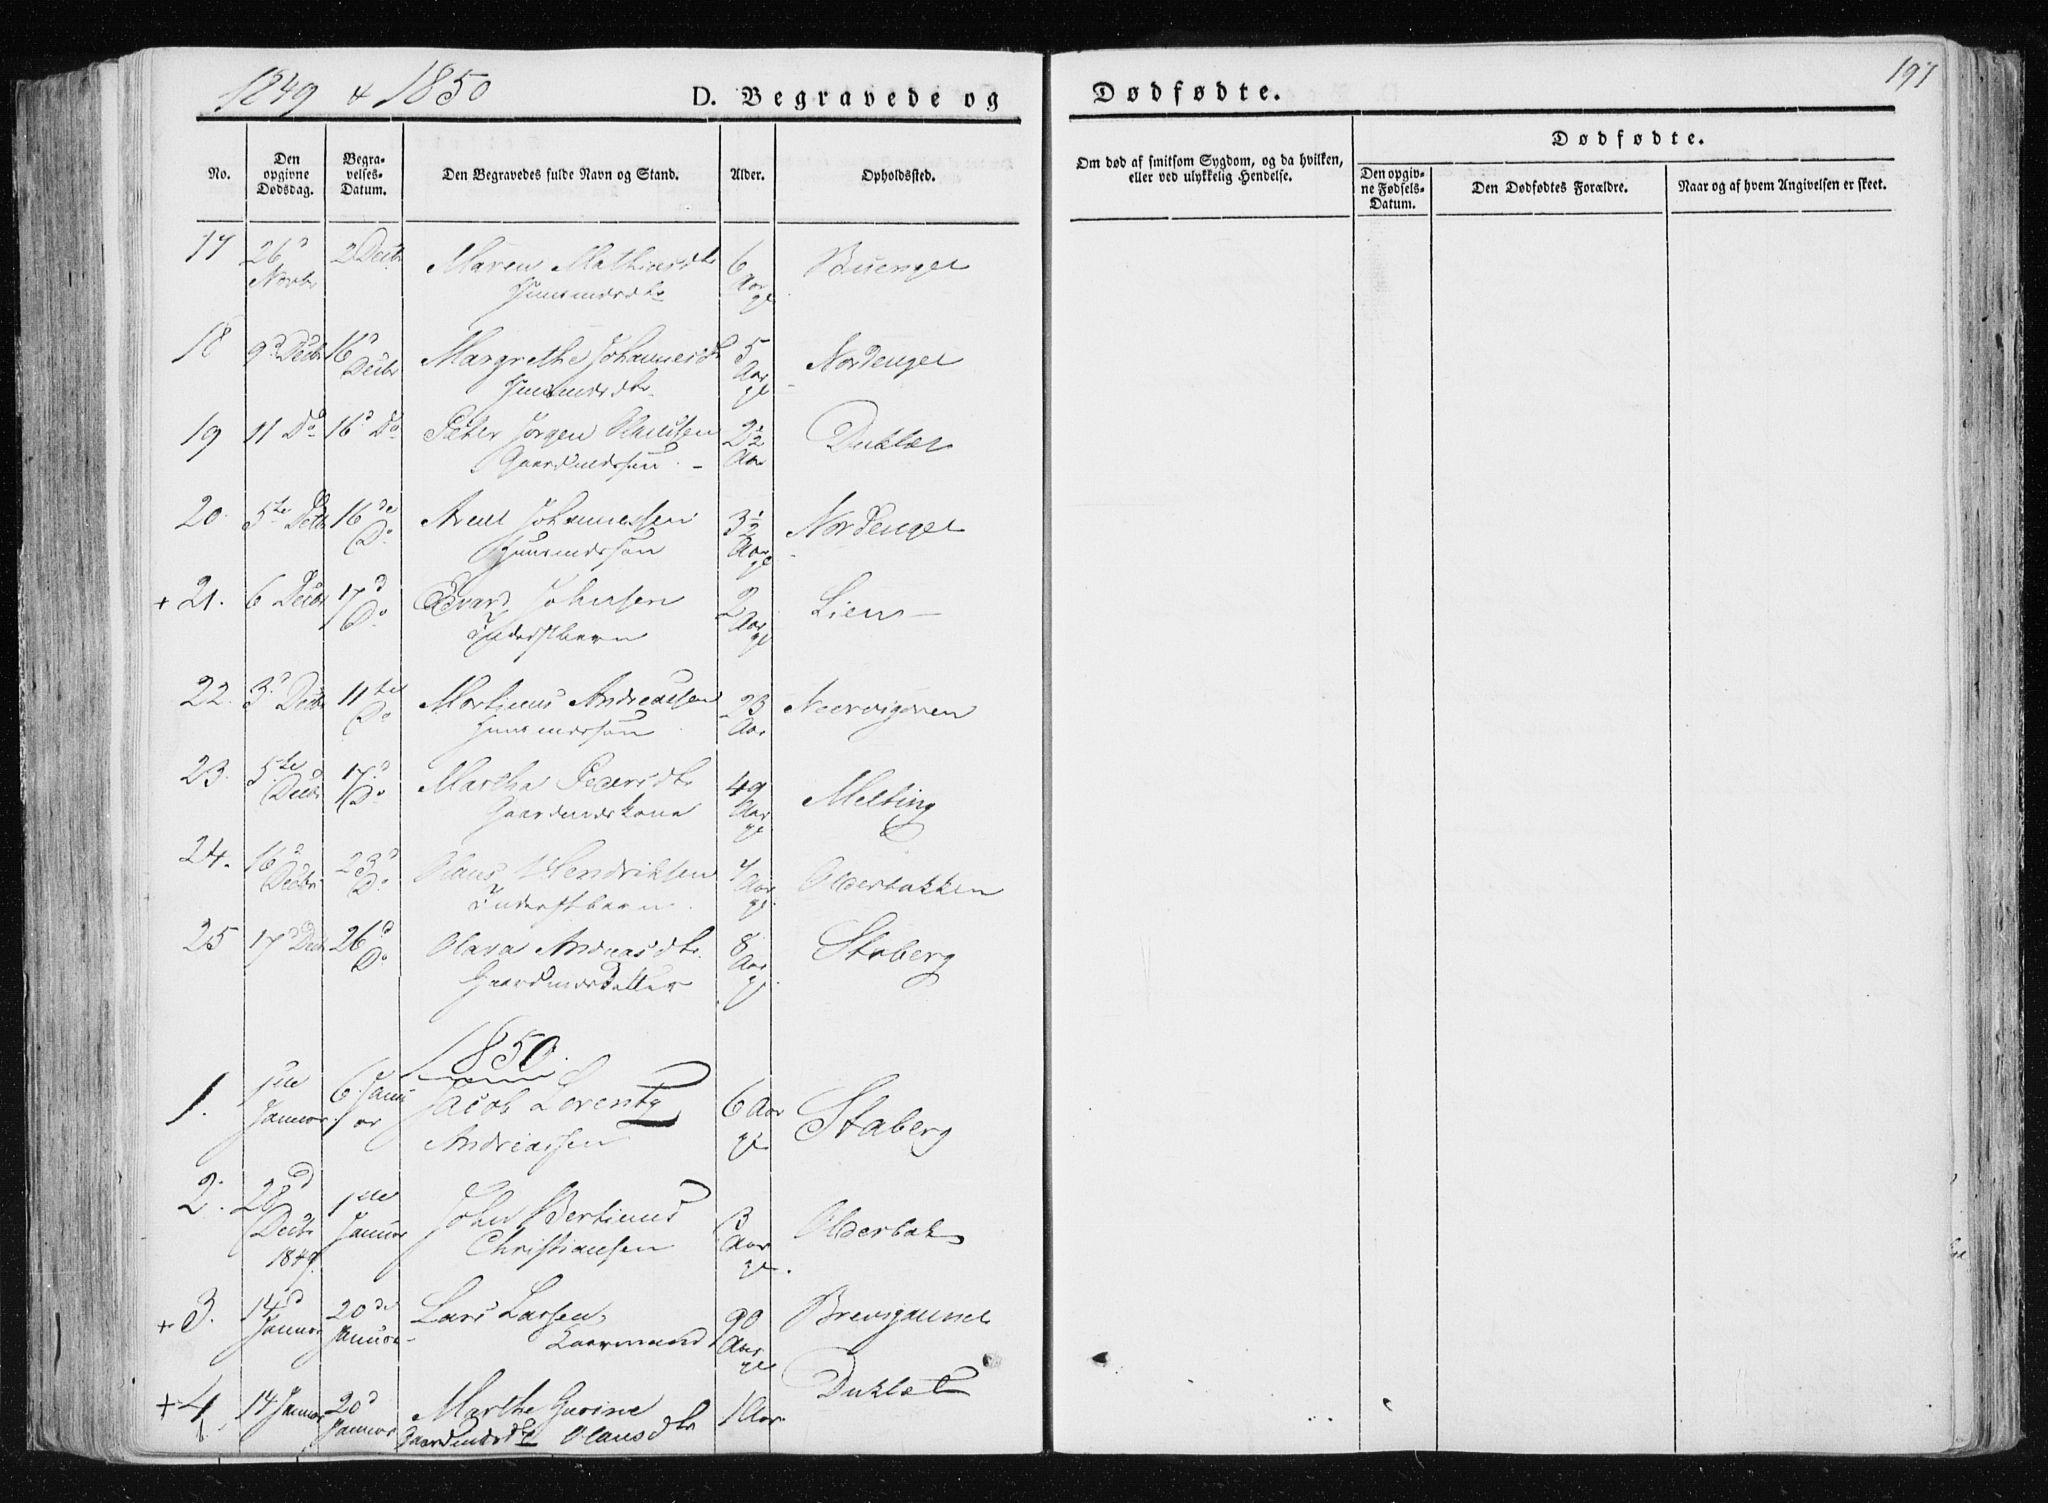 SAT, Ministerialprotokoller, klokkerbøker og fødselsregistre - Nord-Trøndelag, 733/L0323: Ministerialbok nr. 733A02, 1843-1870, s. 197